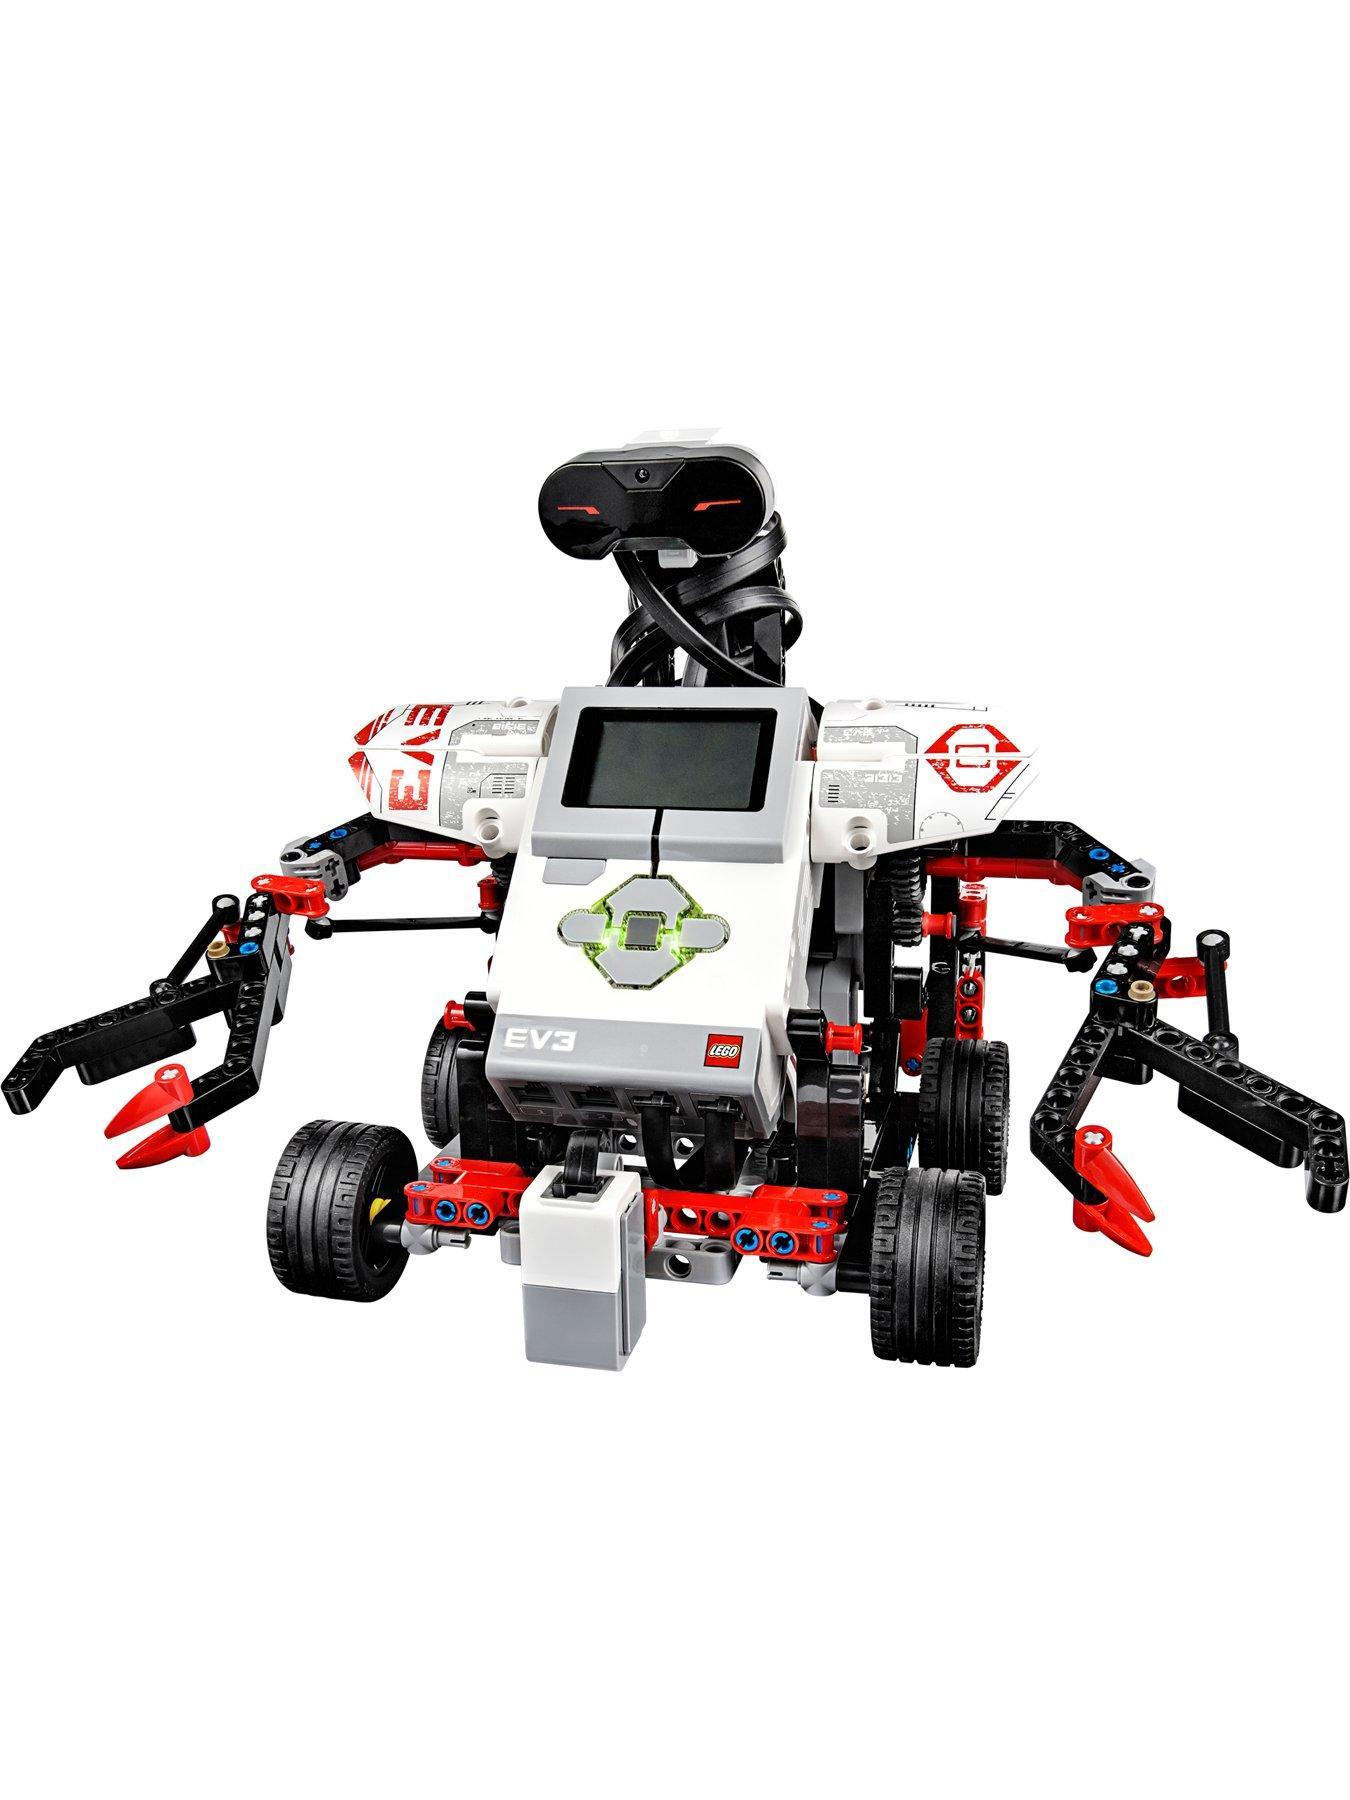 Lego mindstorms ev3 review uk dating